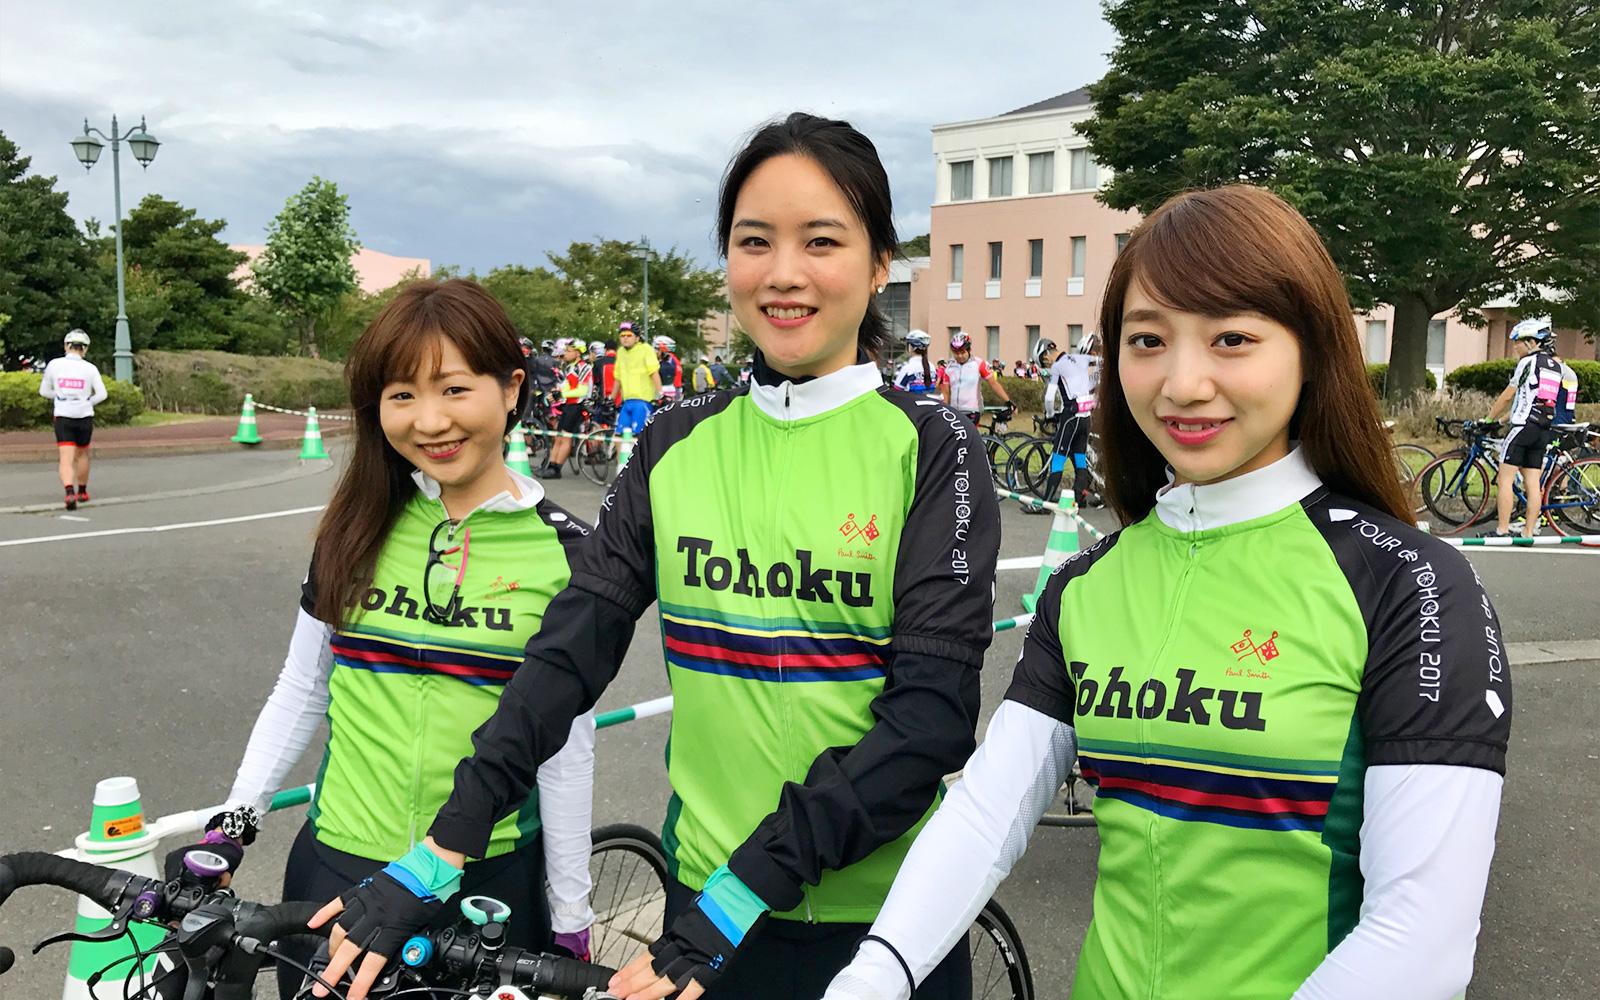 スタート前の「モアチャレ ツール・ド・東北」チームの3名 右から尾形穂菜美さん鶴岡あかねさん明橋冴さん